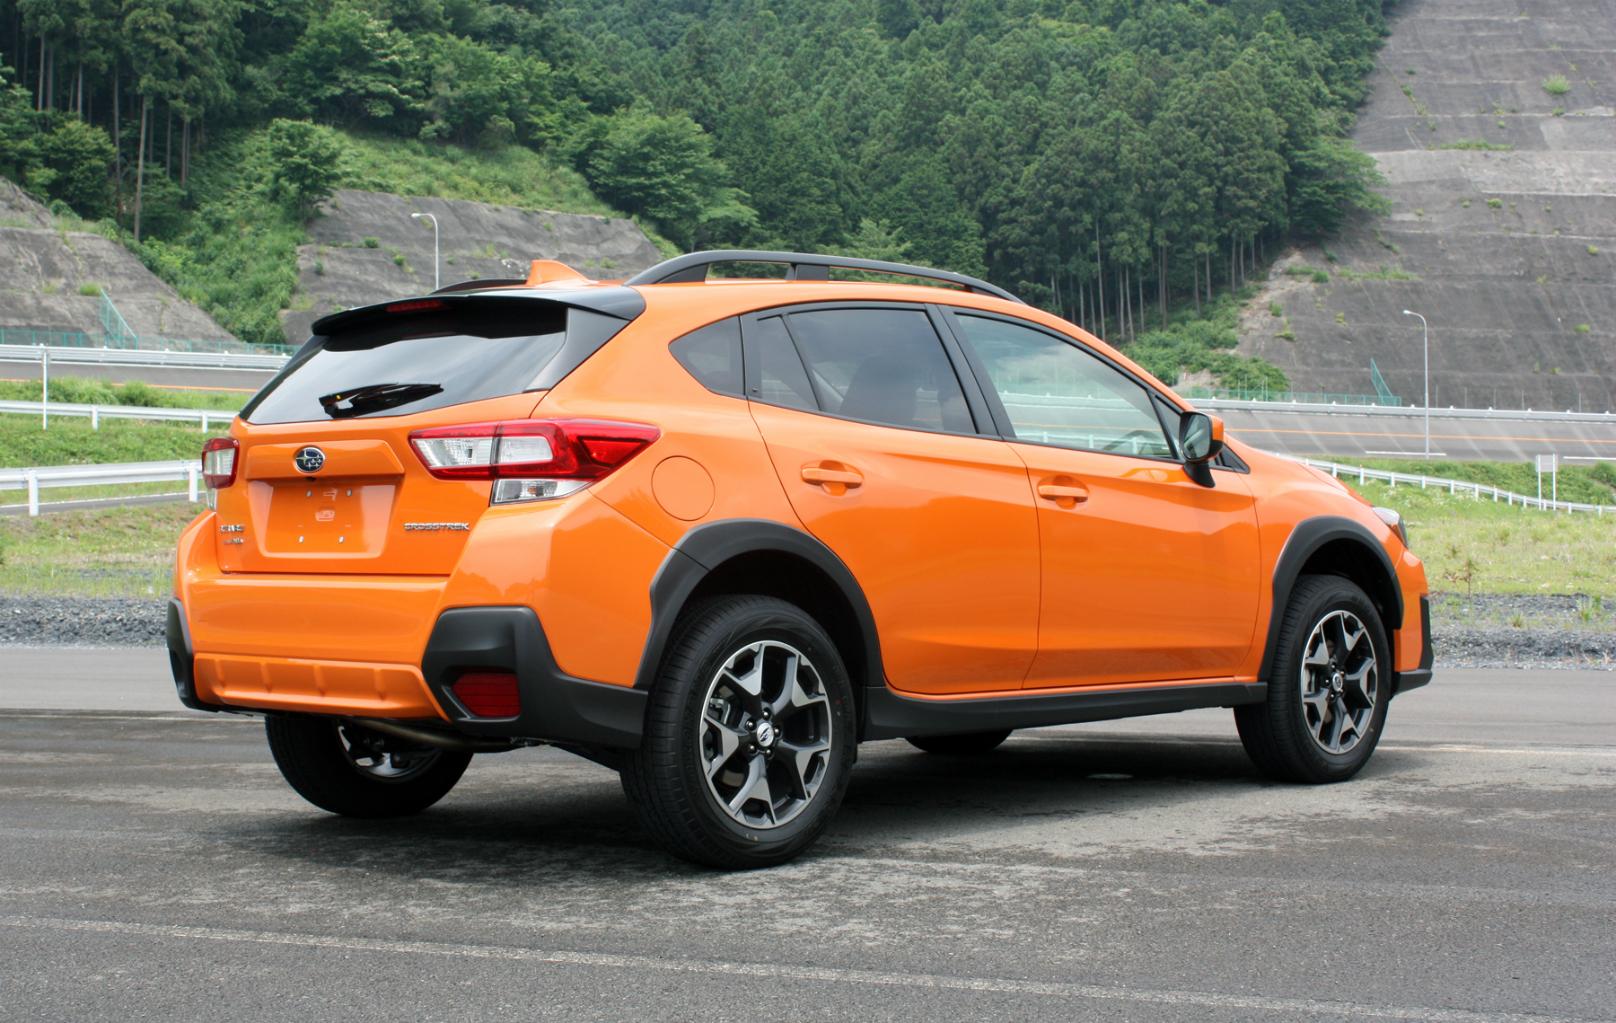 2018 Subaru-Crosstrek--Rear